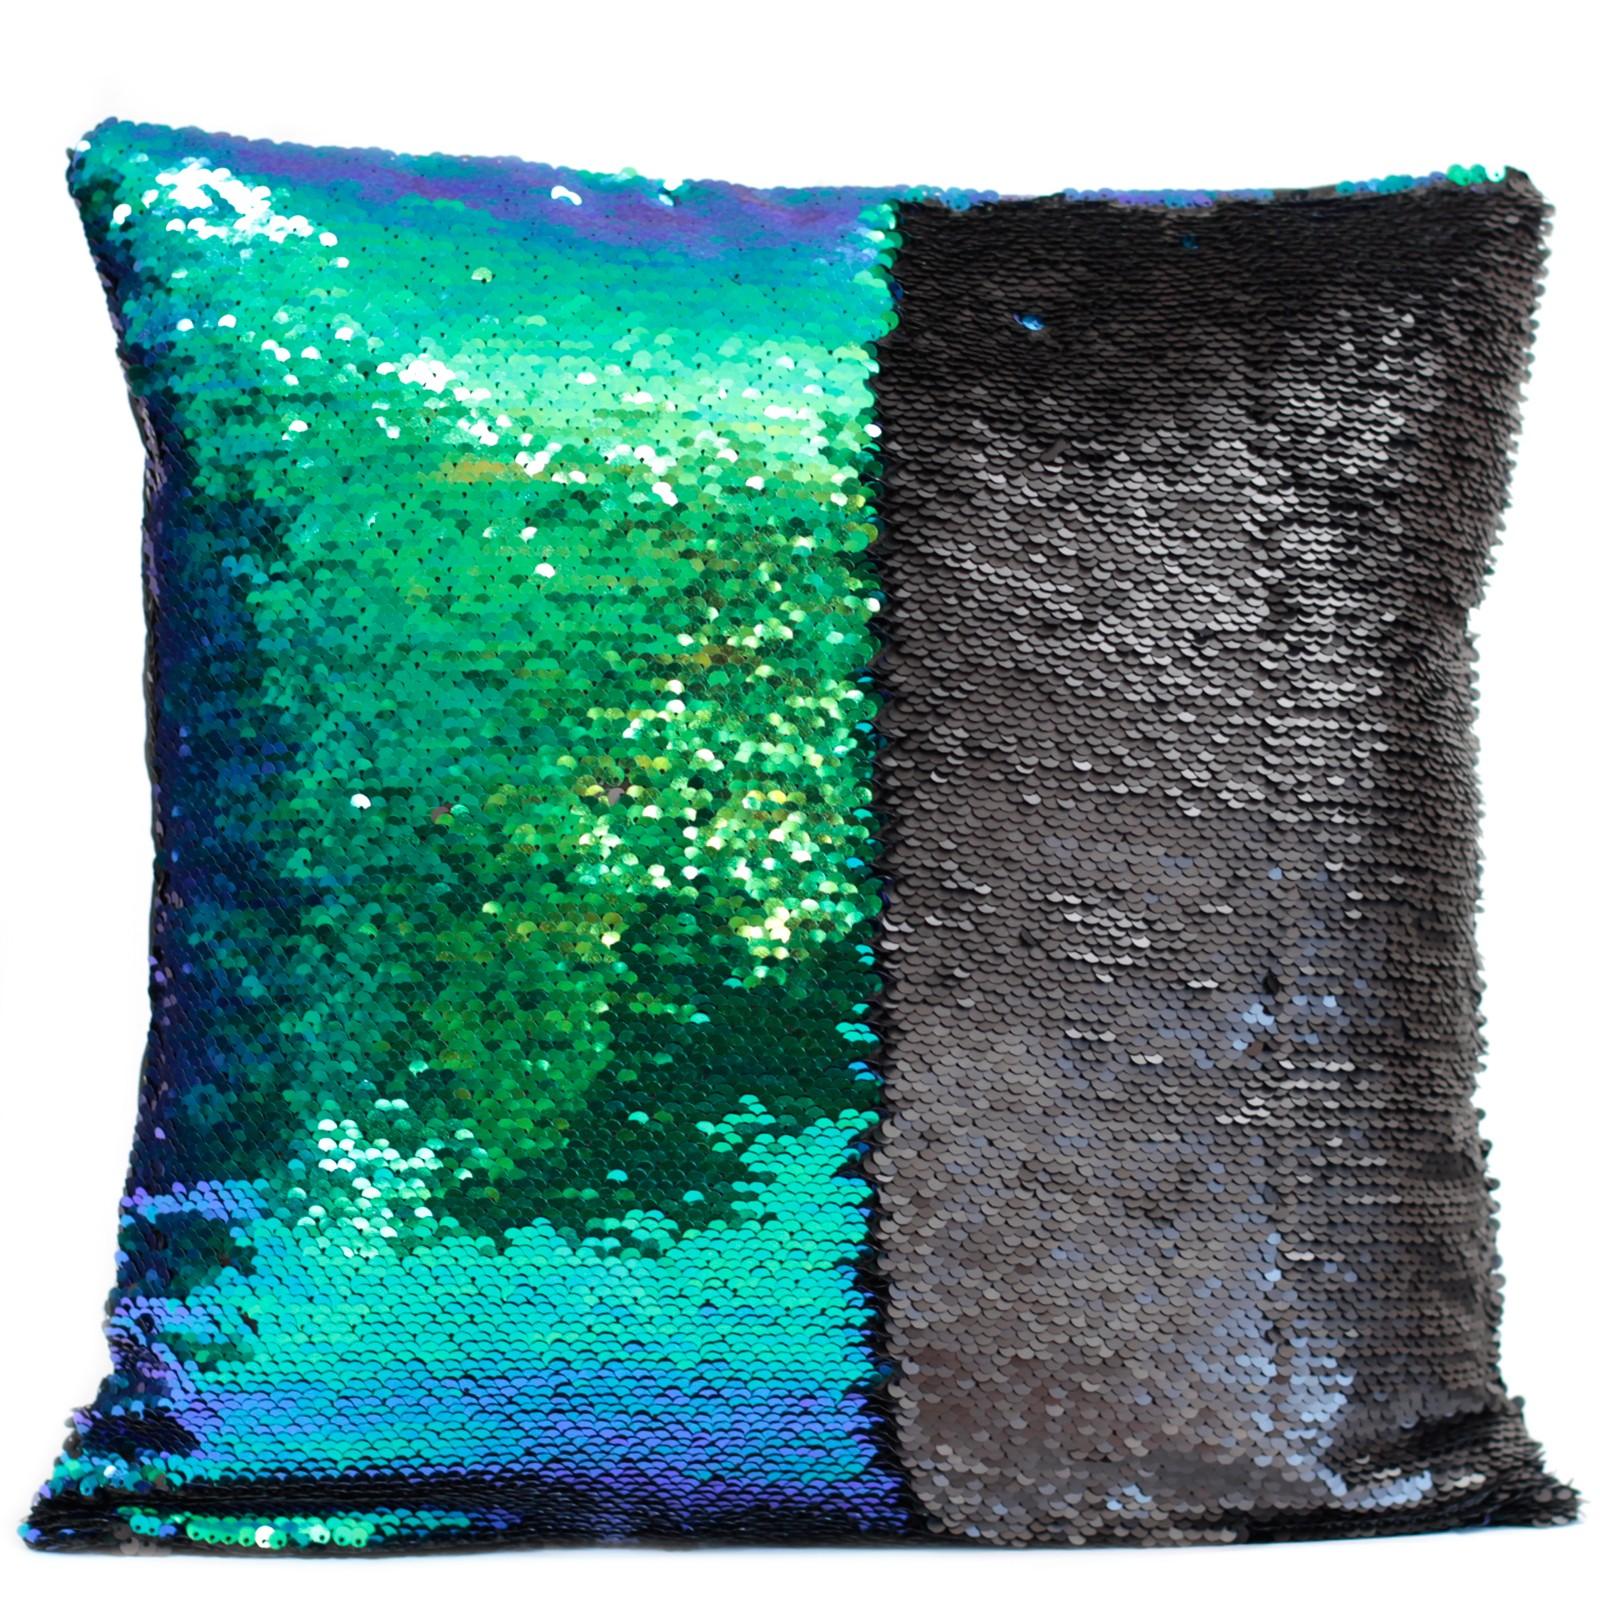 2x Mermaid Cushion Covers - Midnight Black in an Aqua Sea